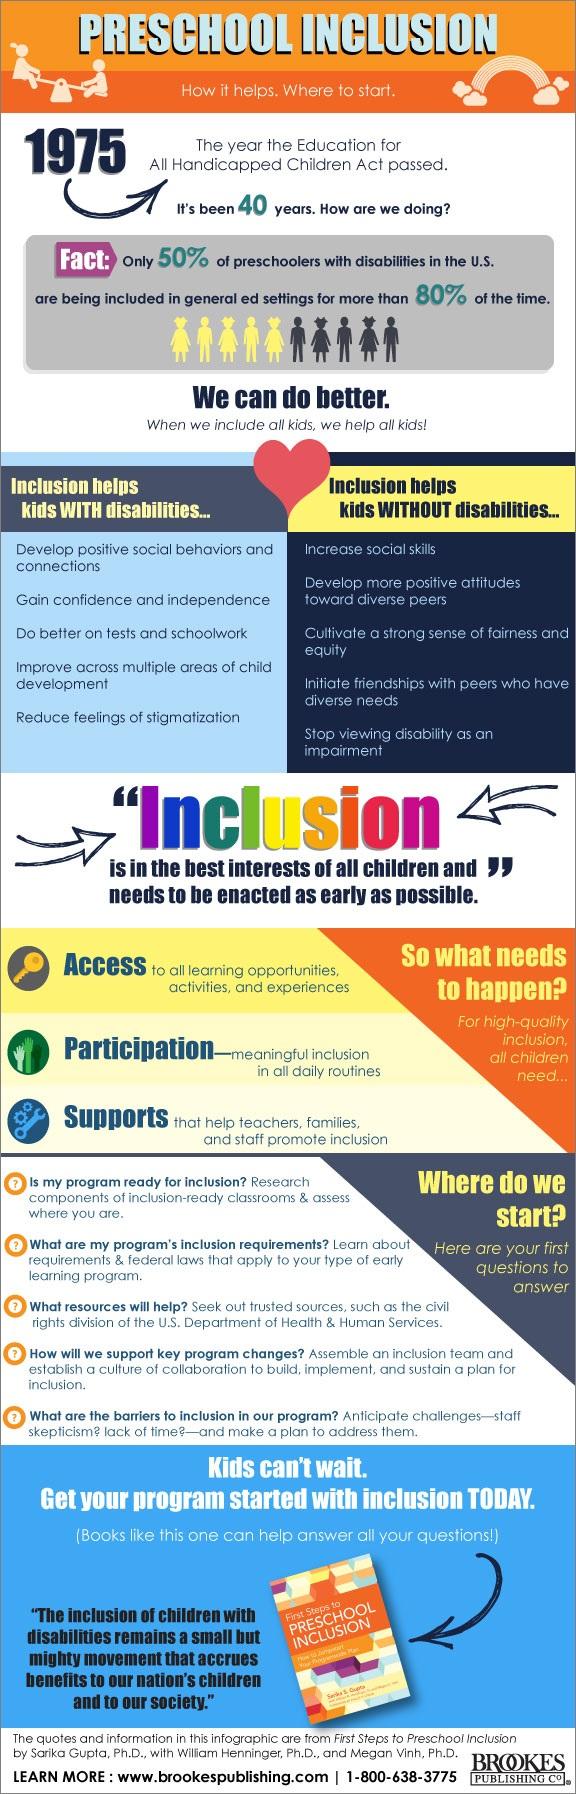 preschool inclusion